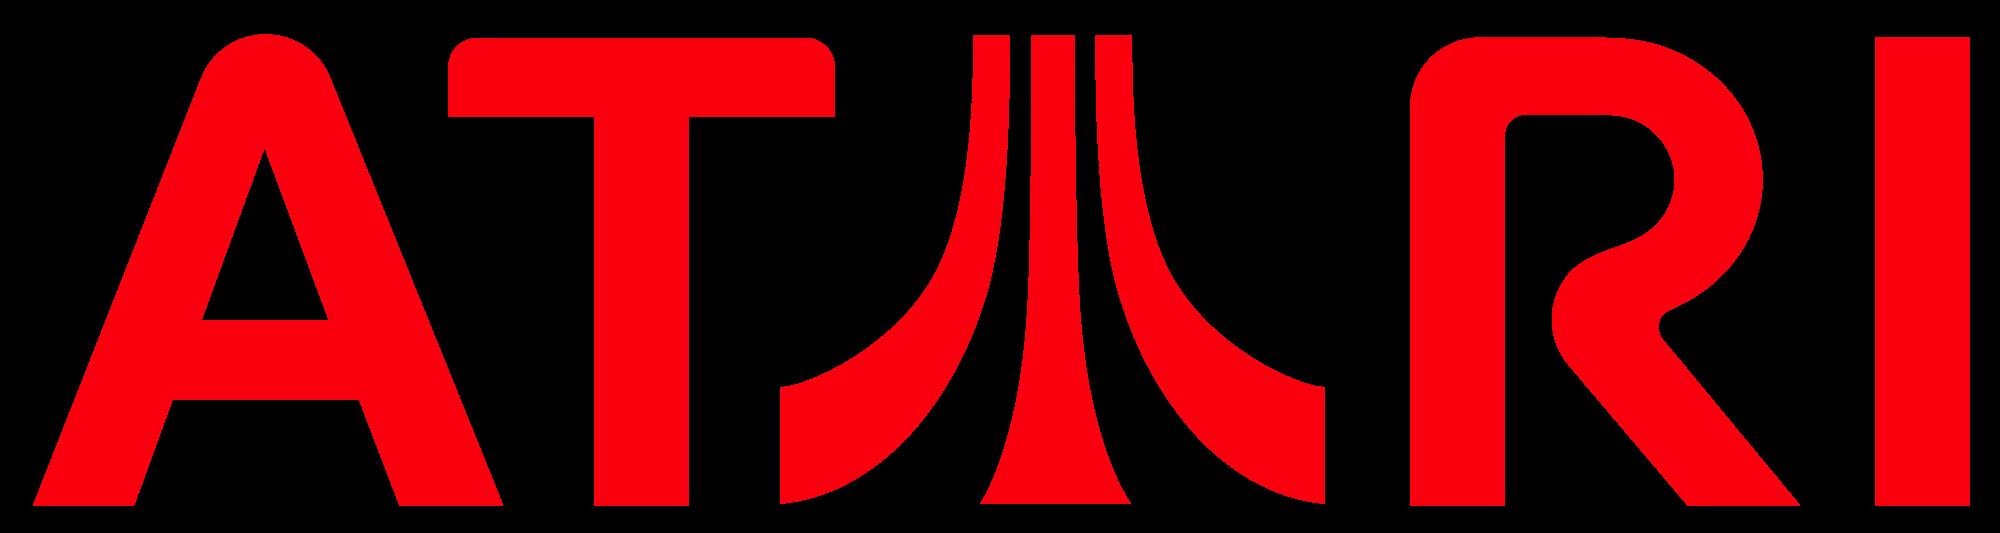 Atari Logo.png - Atari Games Black Logo Vector PNG